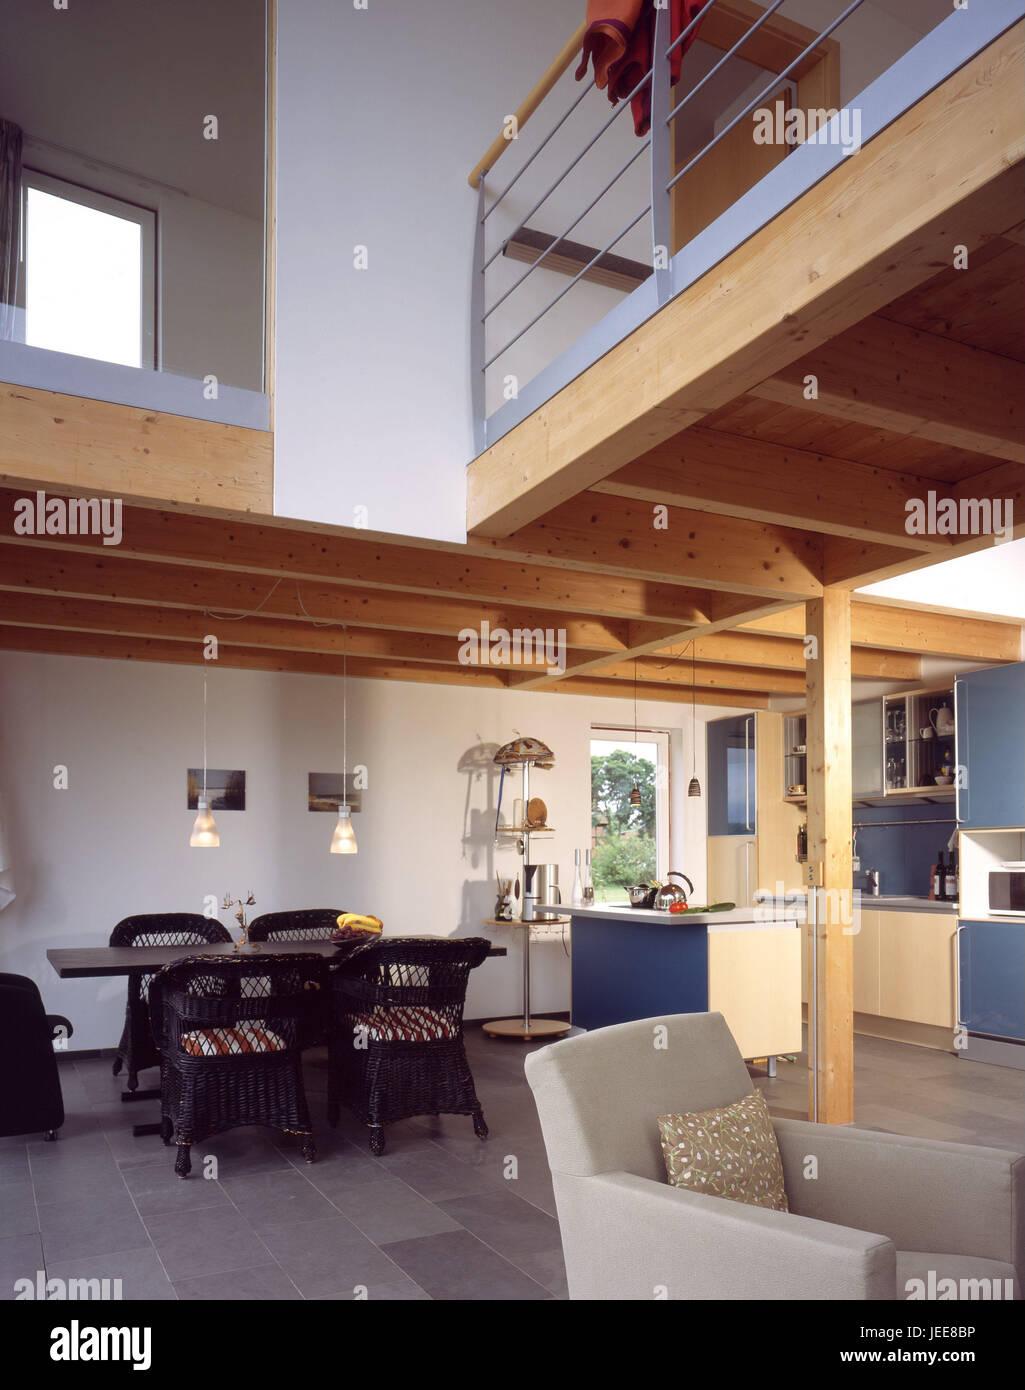 Einfamilienhaus Wohnung, Küche, Esszimmer, Esstisch, Obergeschoss ...